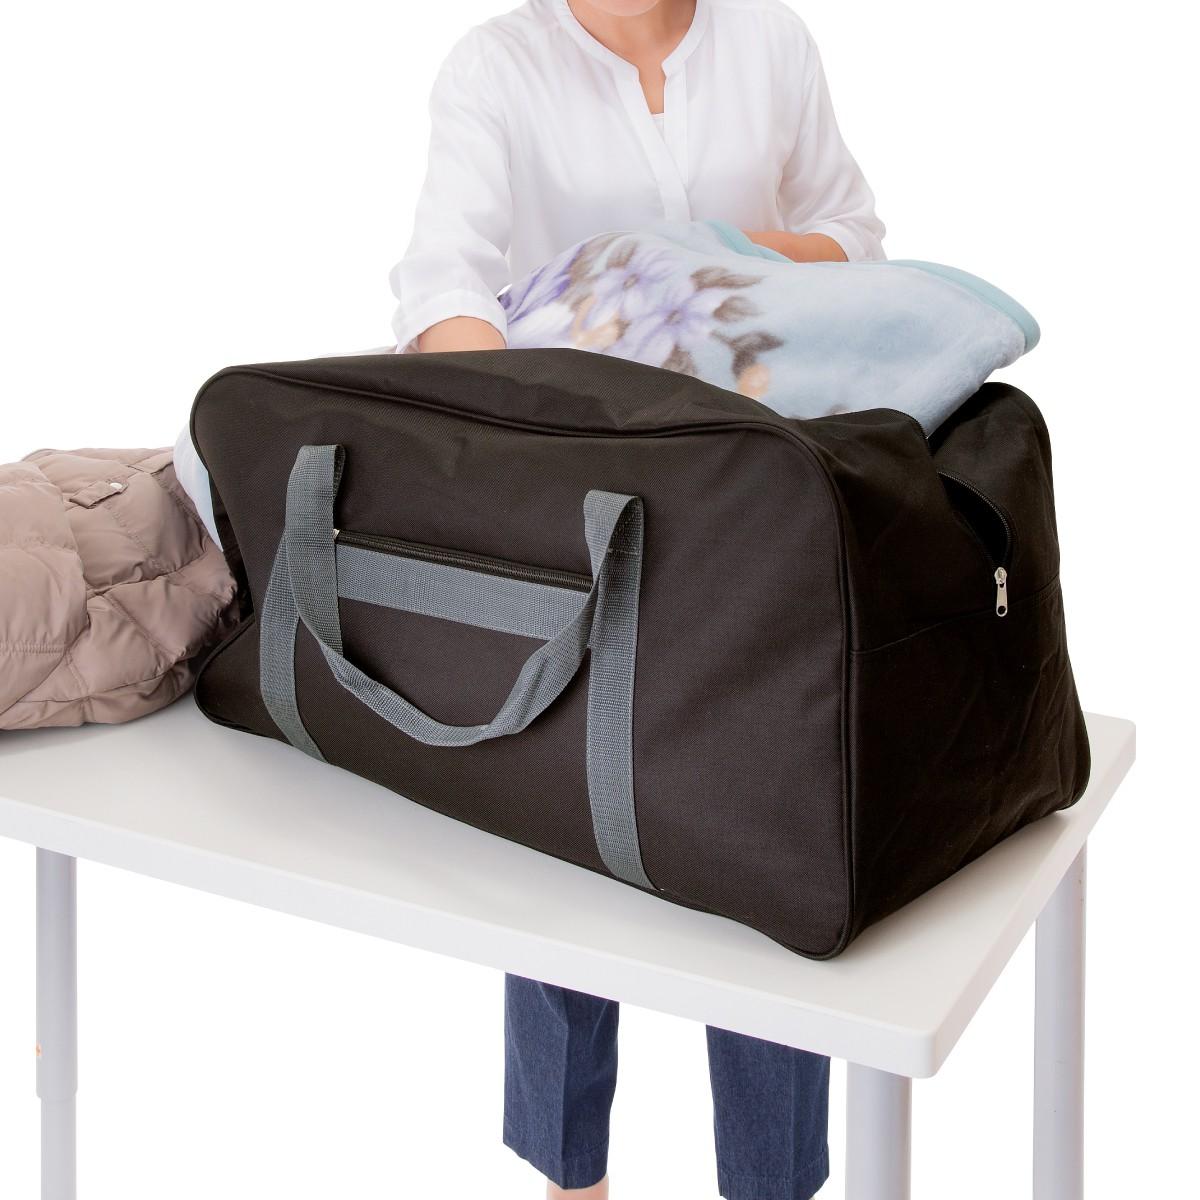 ボストンバッグ 旅行 大容量 アウトドア でっかいバッグ 1-046-901